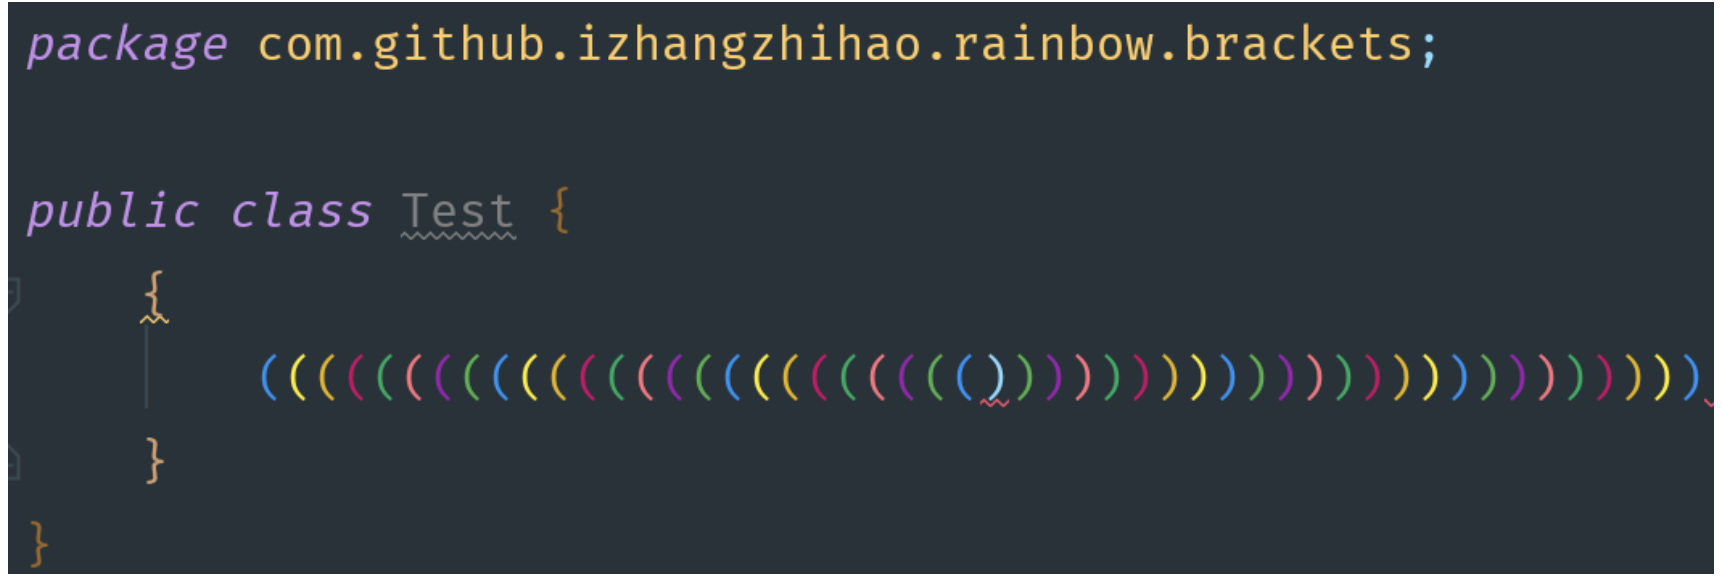 rainbow-bracket img